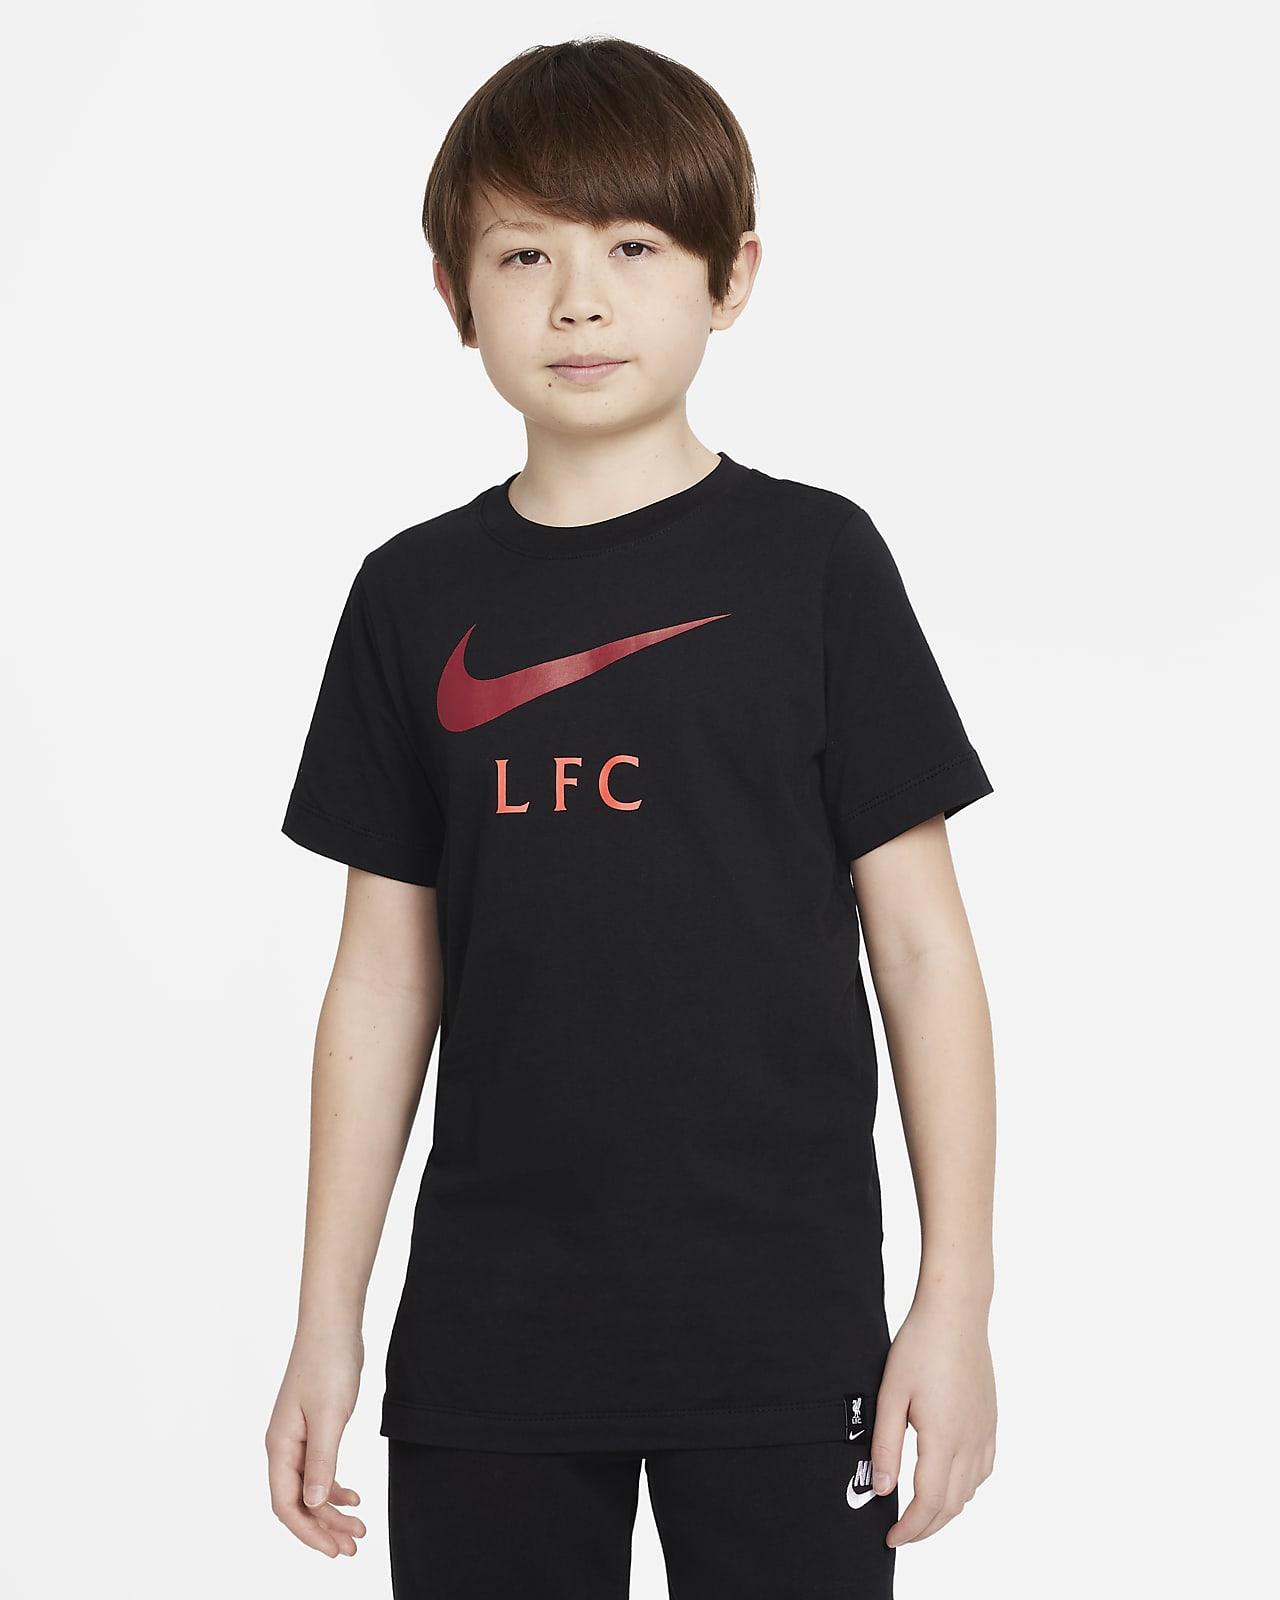 Liverpool FC Voetbalshirt voor kids